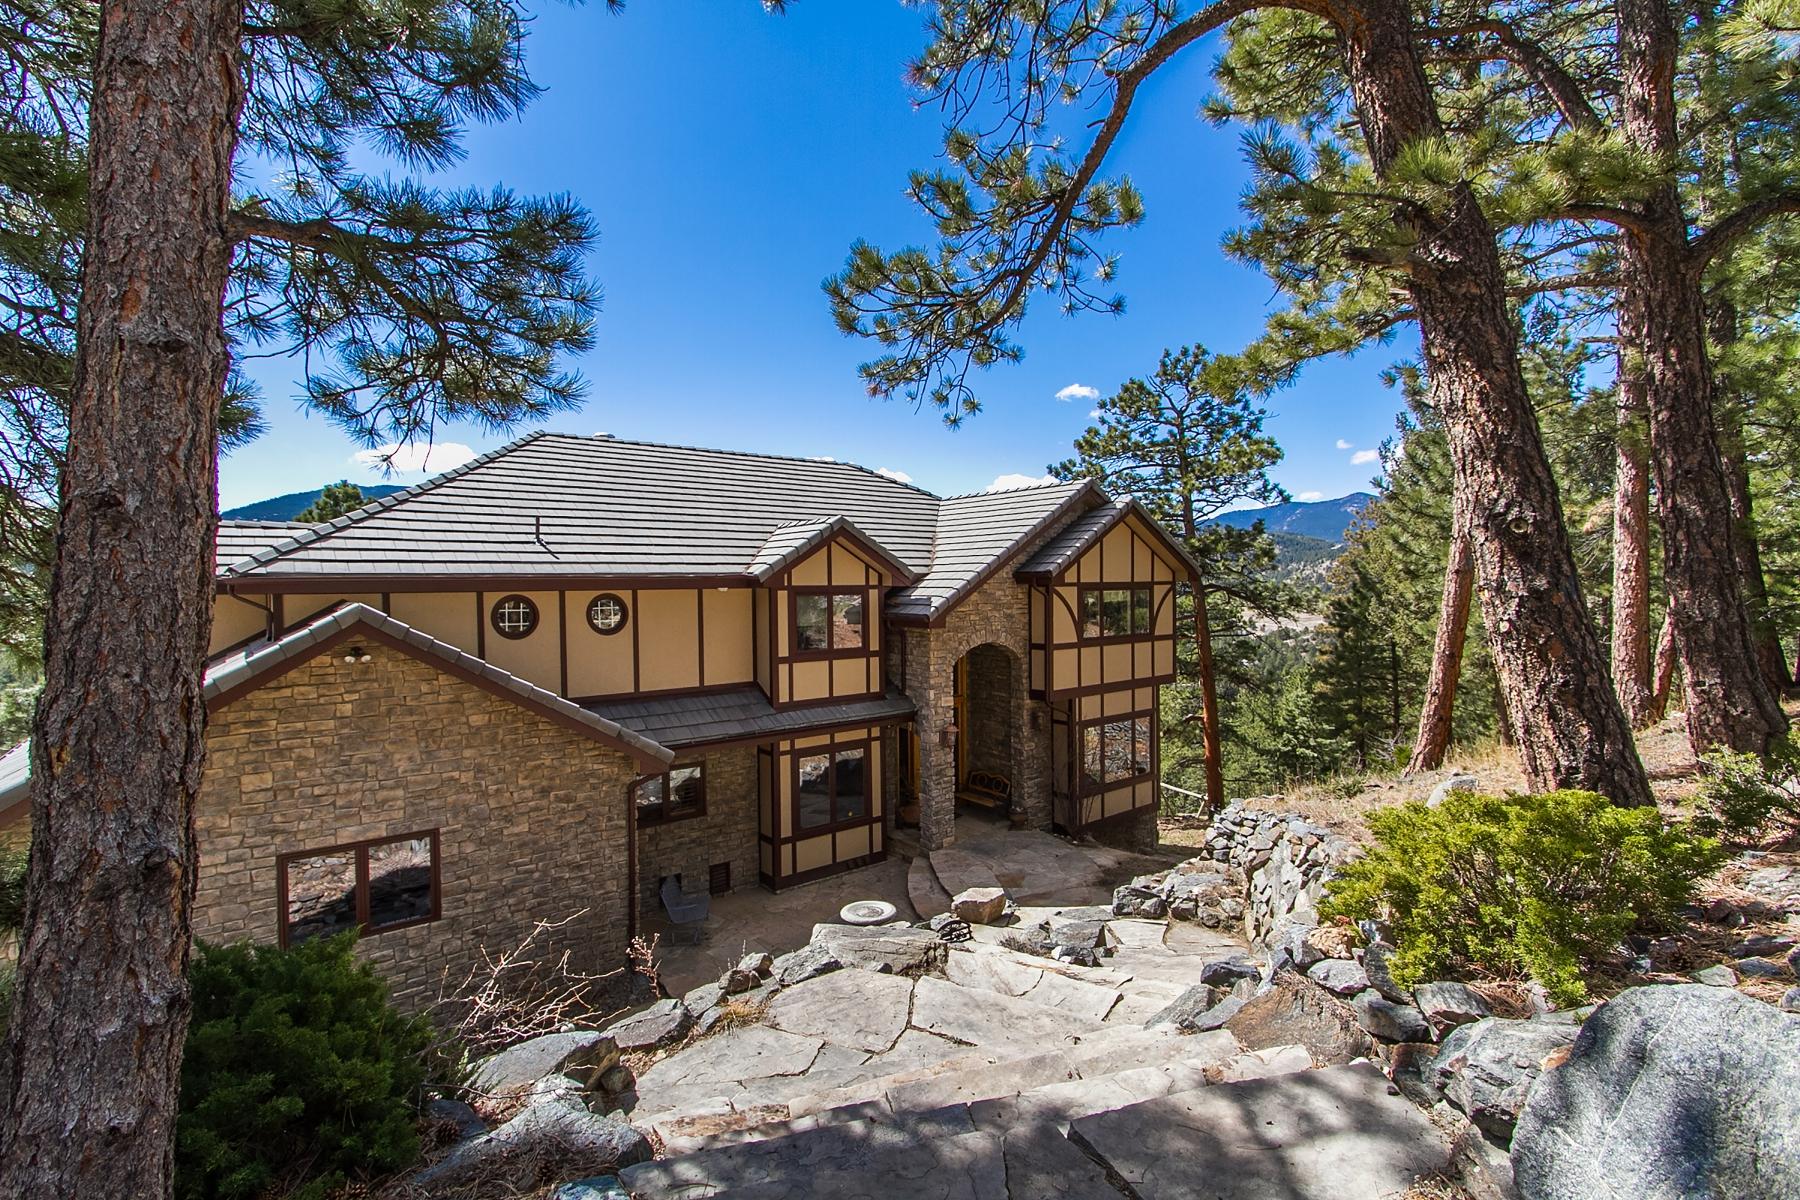 独户住宅 为 销售 在 Majestic Hilltop Home 484 Humphrey Drive Evergreen, 科罗拉多州 80439 美国